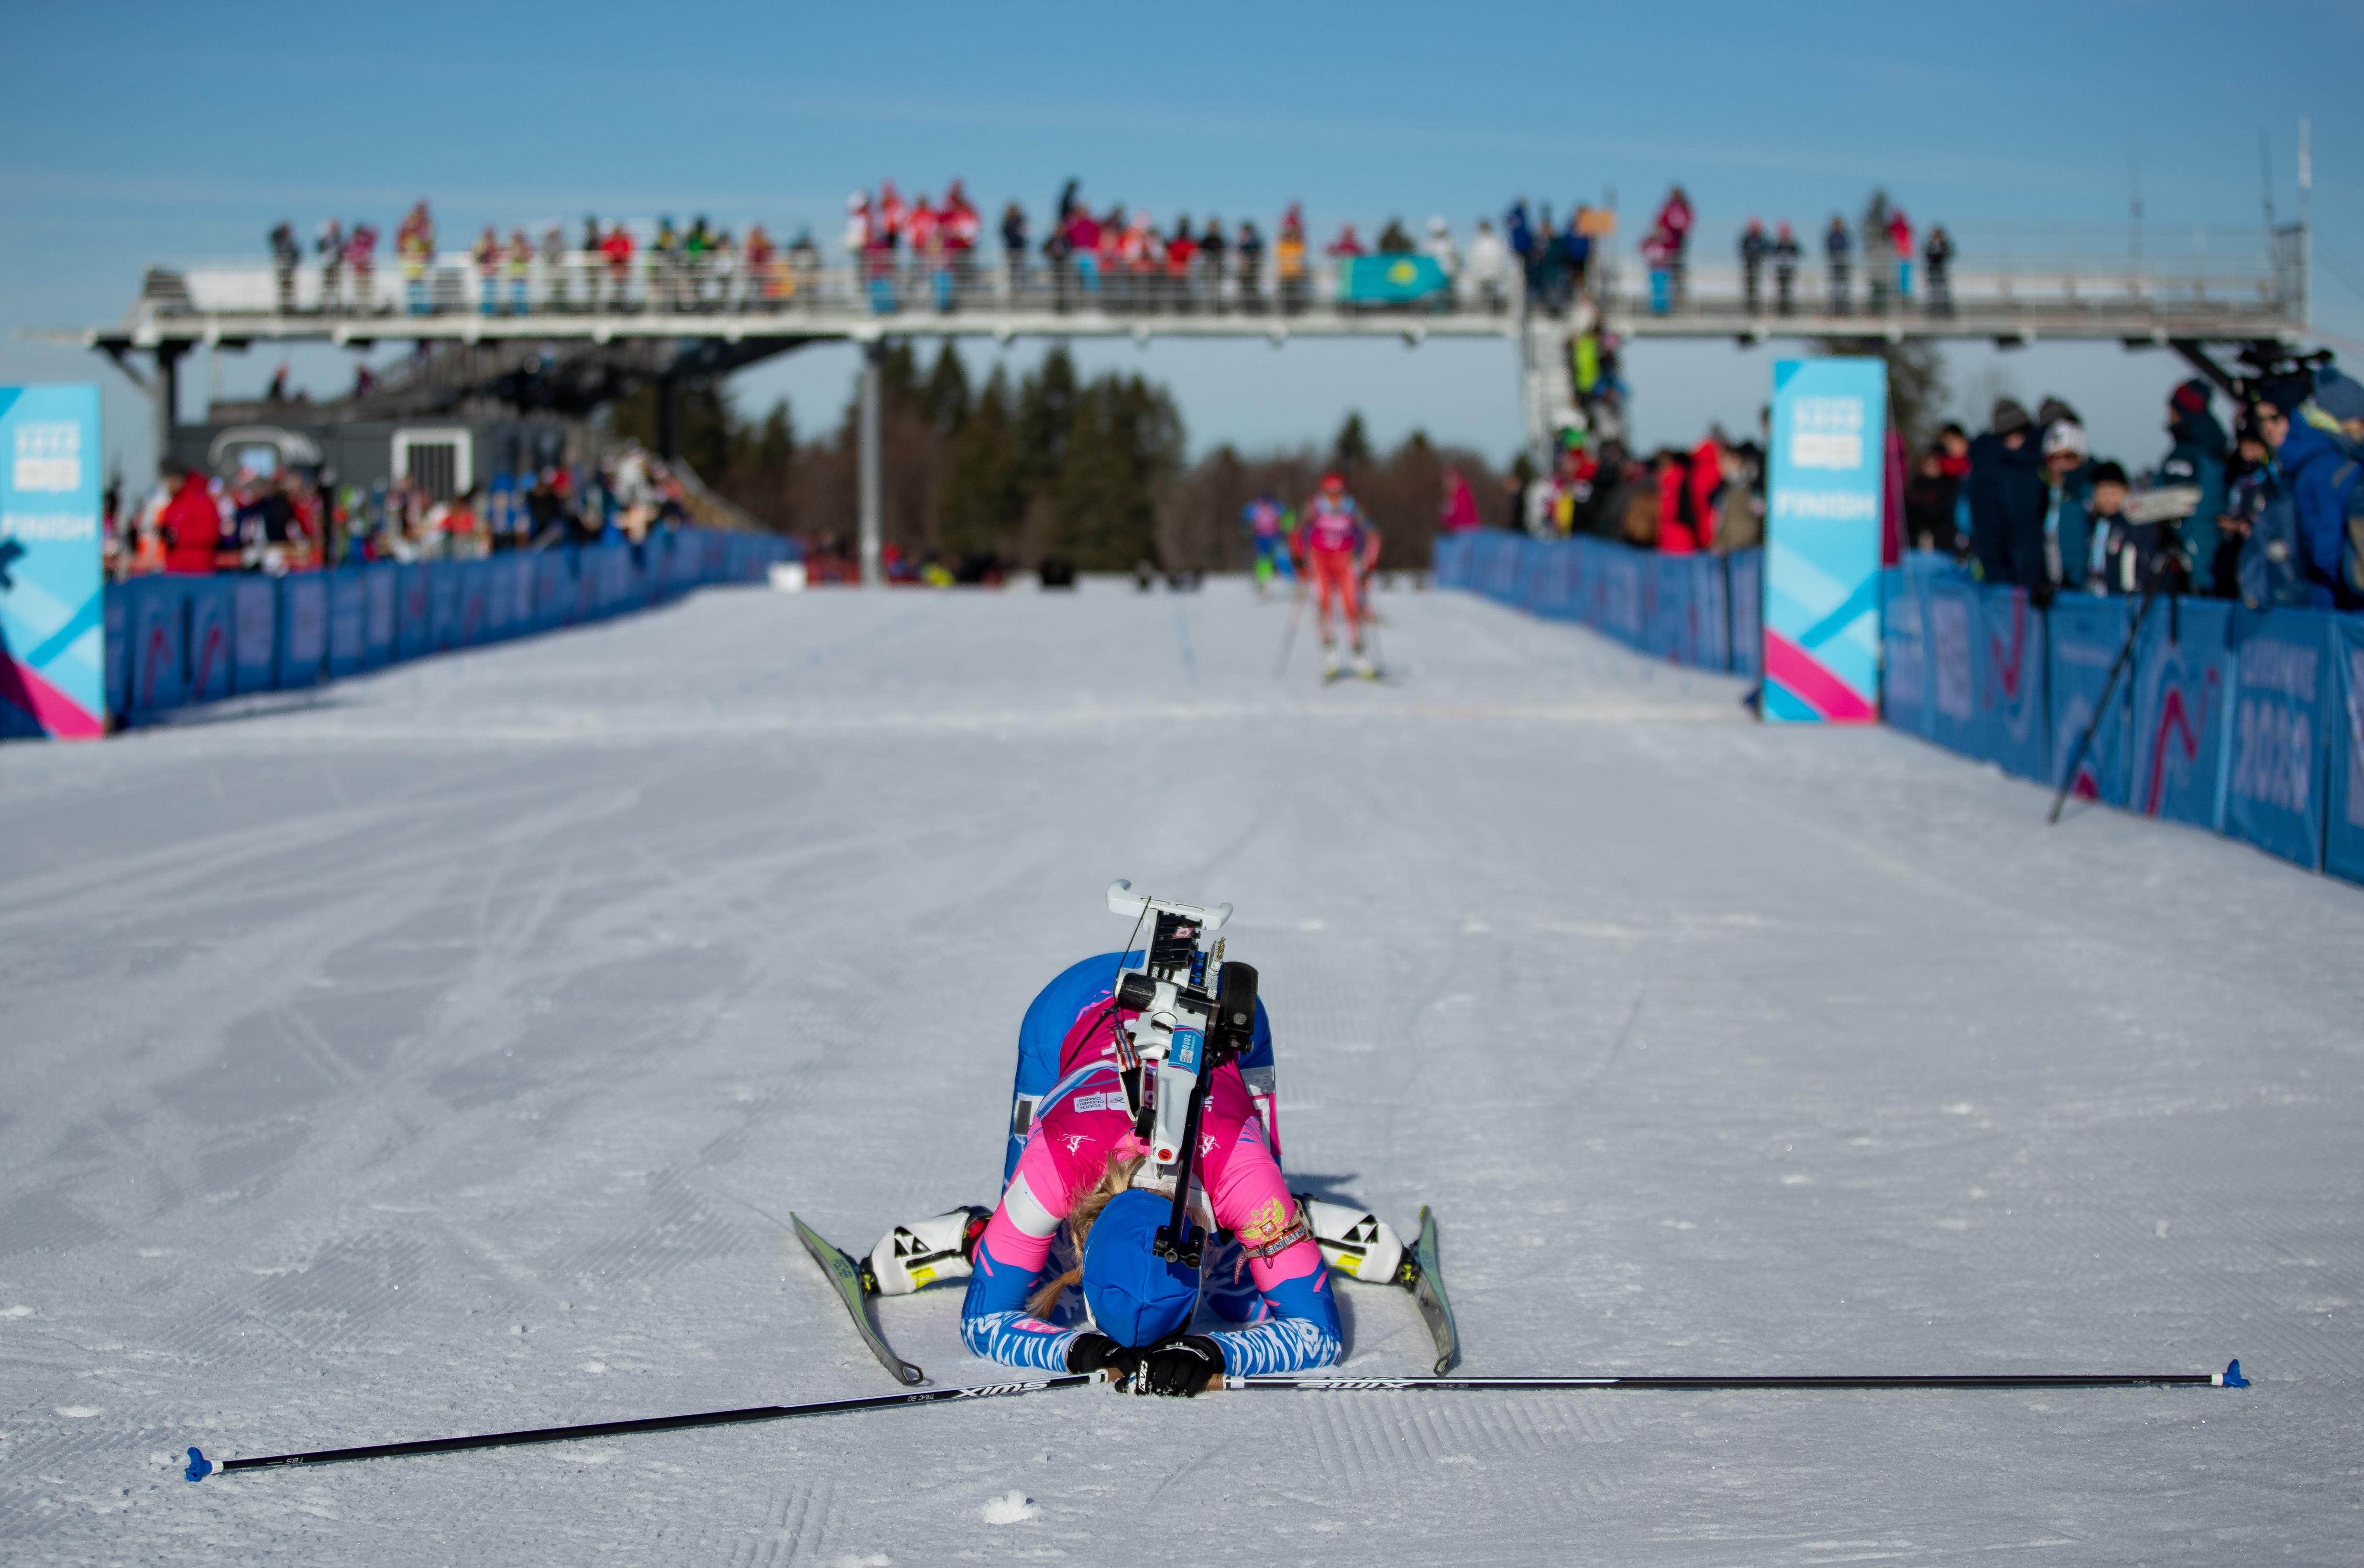 Mokhova heeft álles gegeven (Foto: OIS/Chloe Knott)